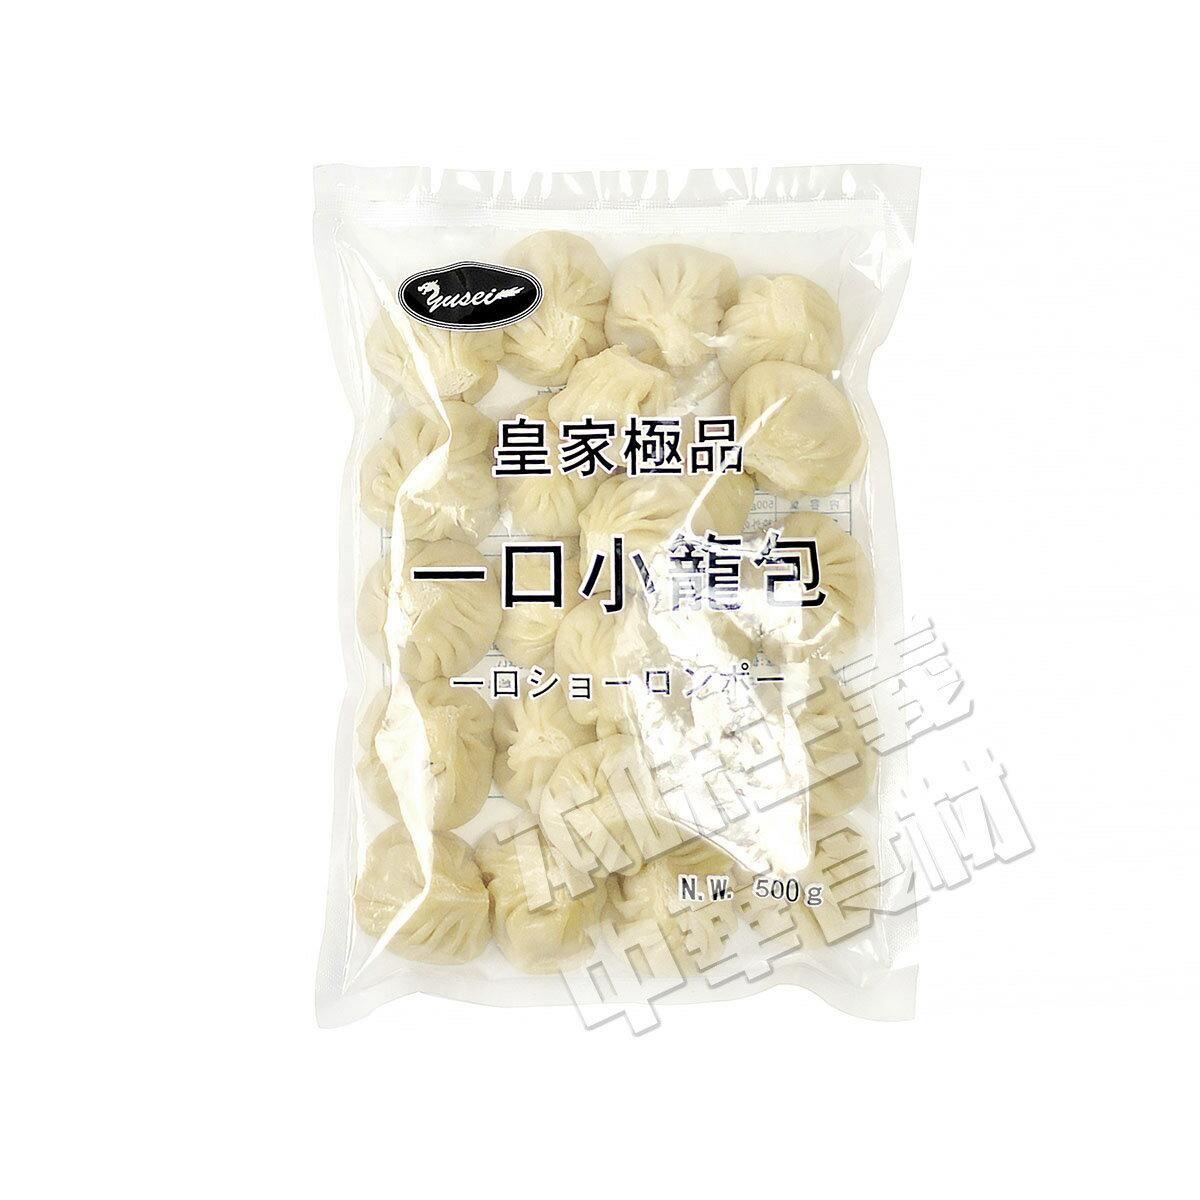 友盛中華名点一口小籠包(一口ショーロンポー)中華料理人気商品・中国名物・定番お土産